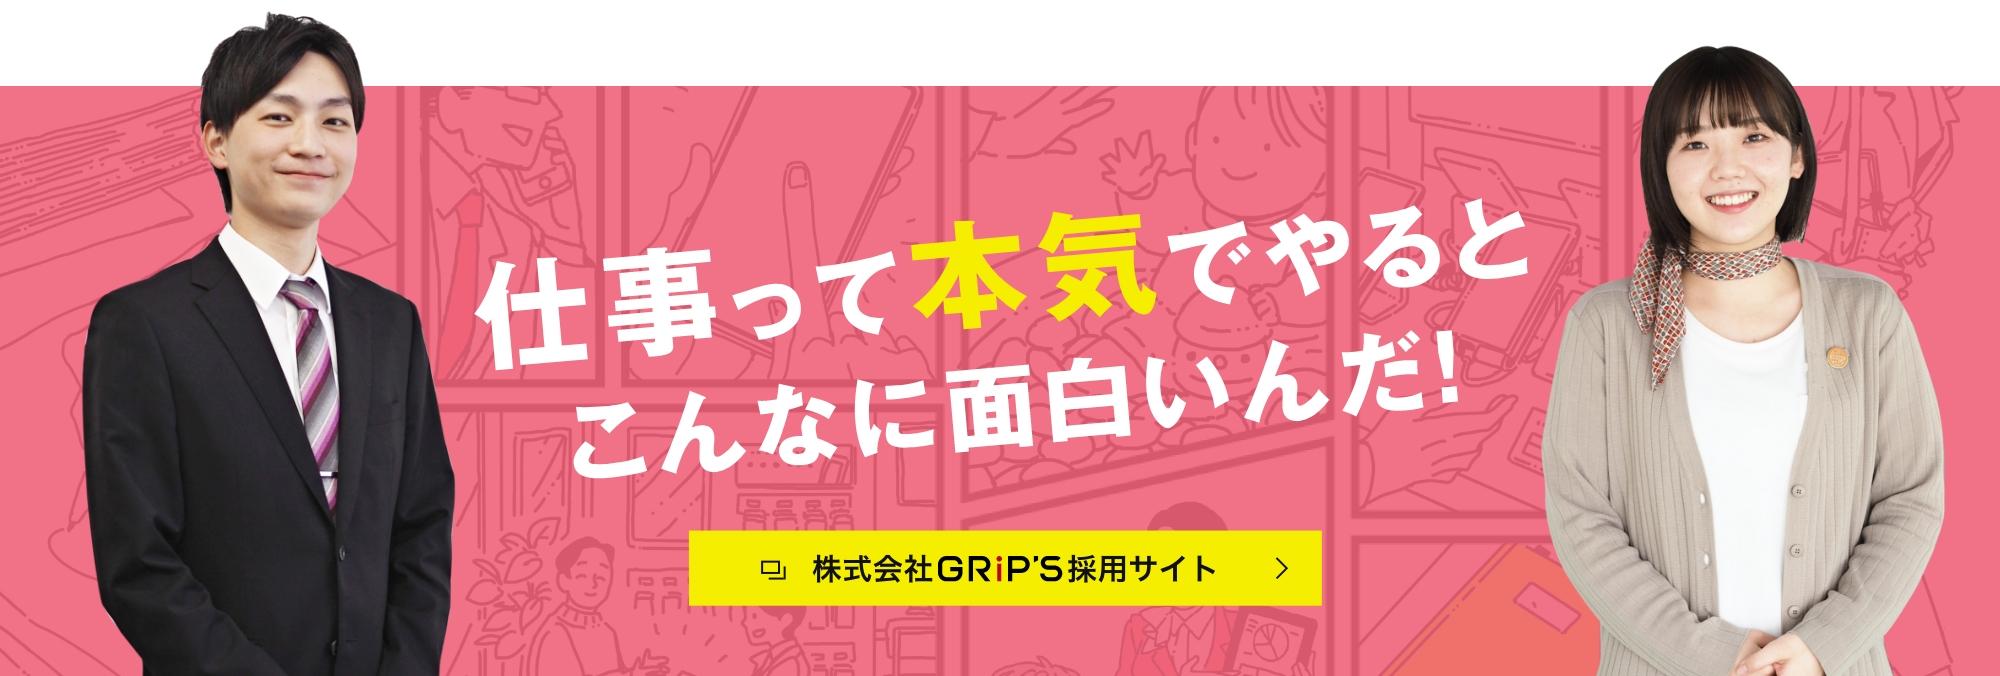 株式会社グリップス採用サイト